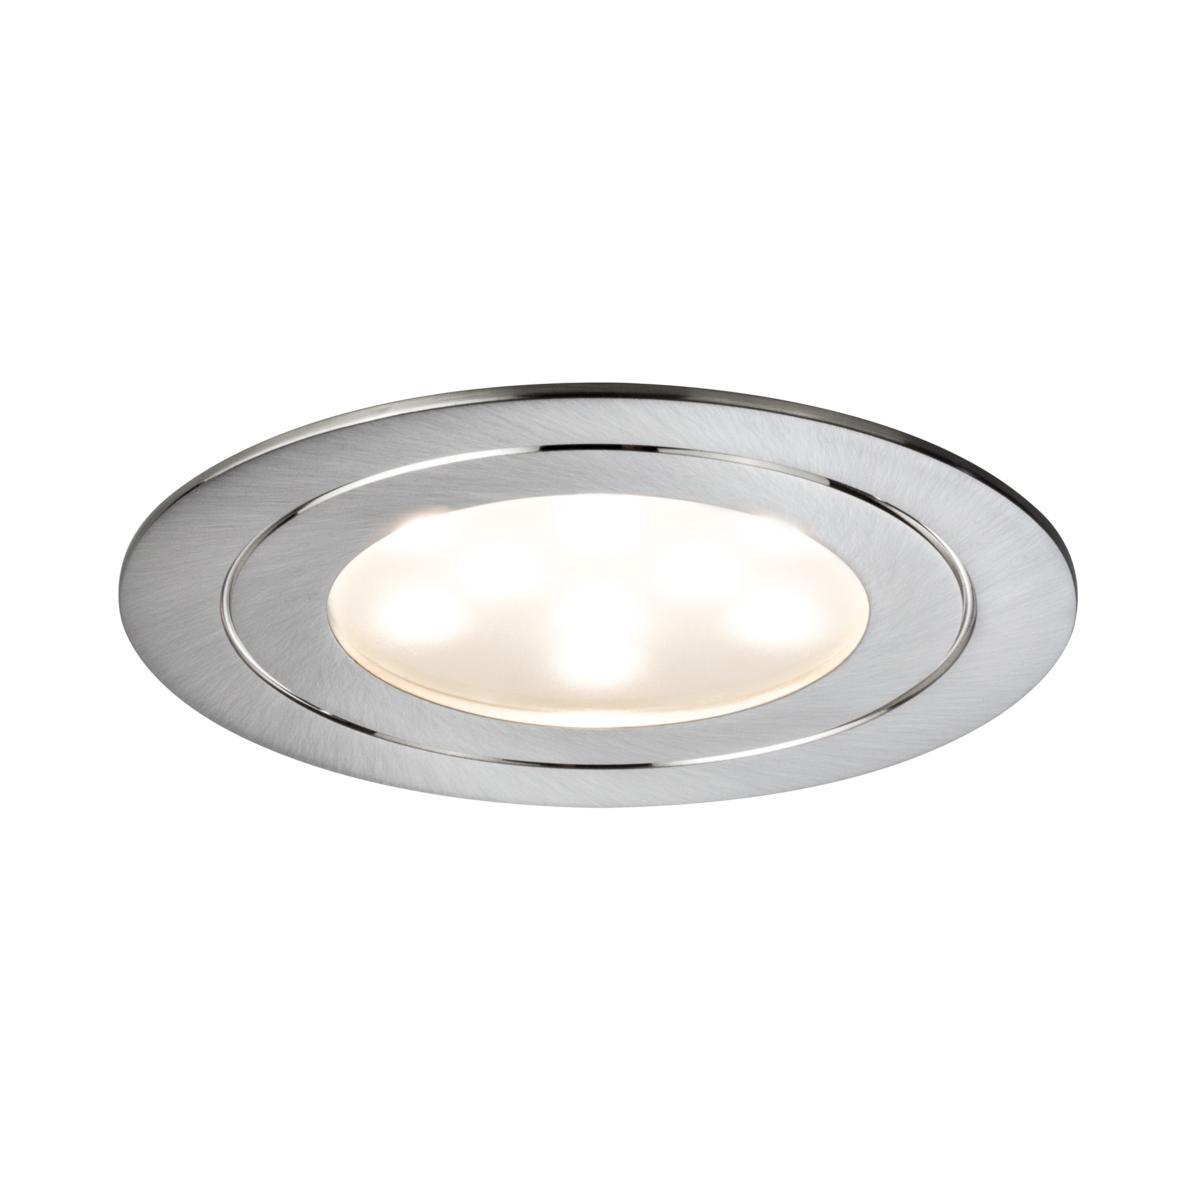 Incroyable Kit 3 Spots leds Extra plat 3 X 5.6W Alu Brossé Dimmable LED BI-83